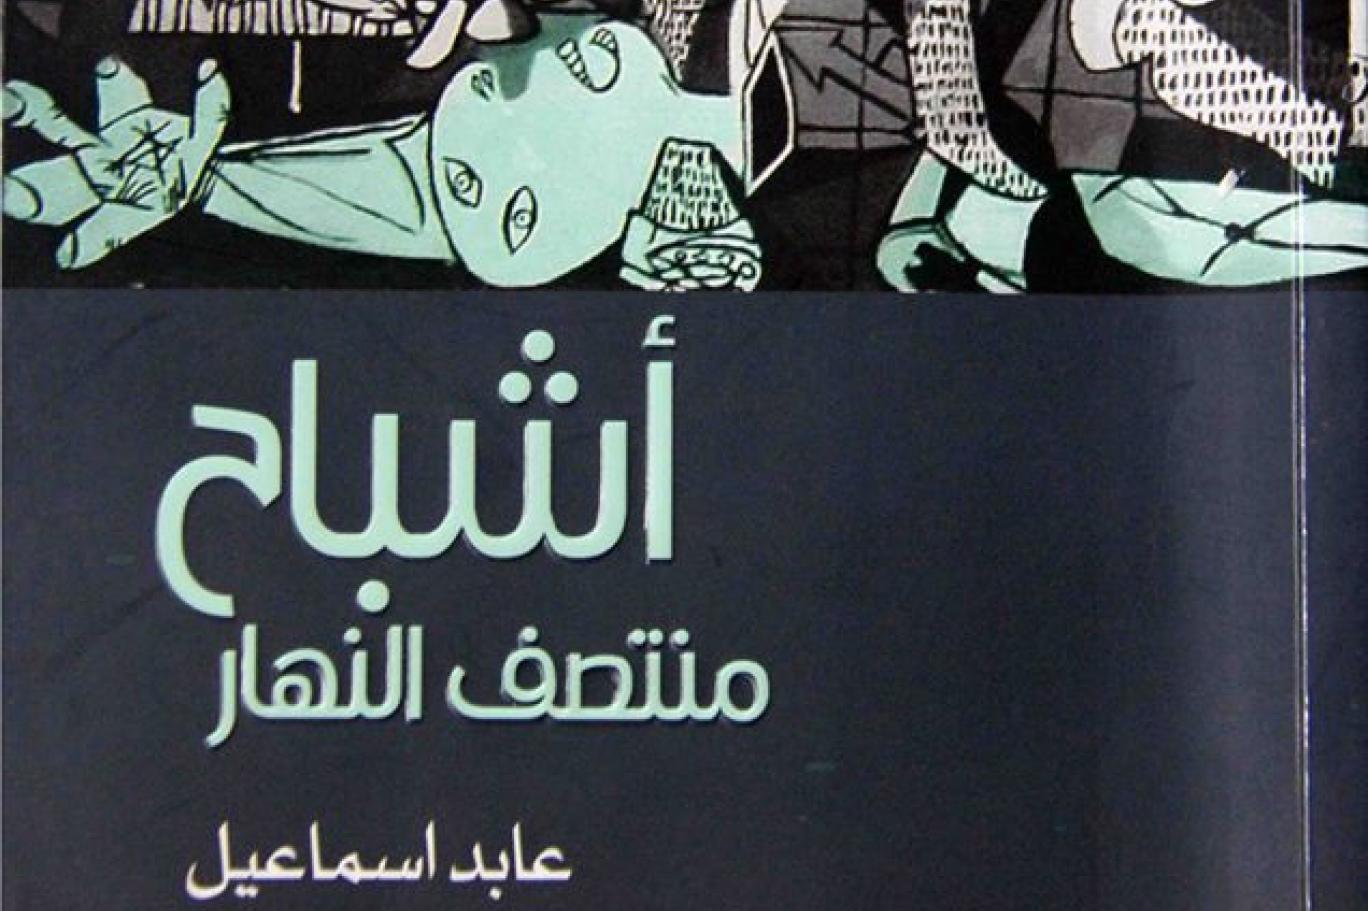 """غلاف الكتاب مستوحى من لوحة بيكاسو """"غورنيكا"""""""